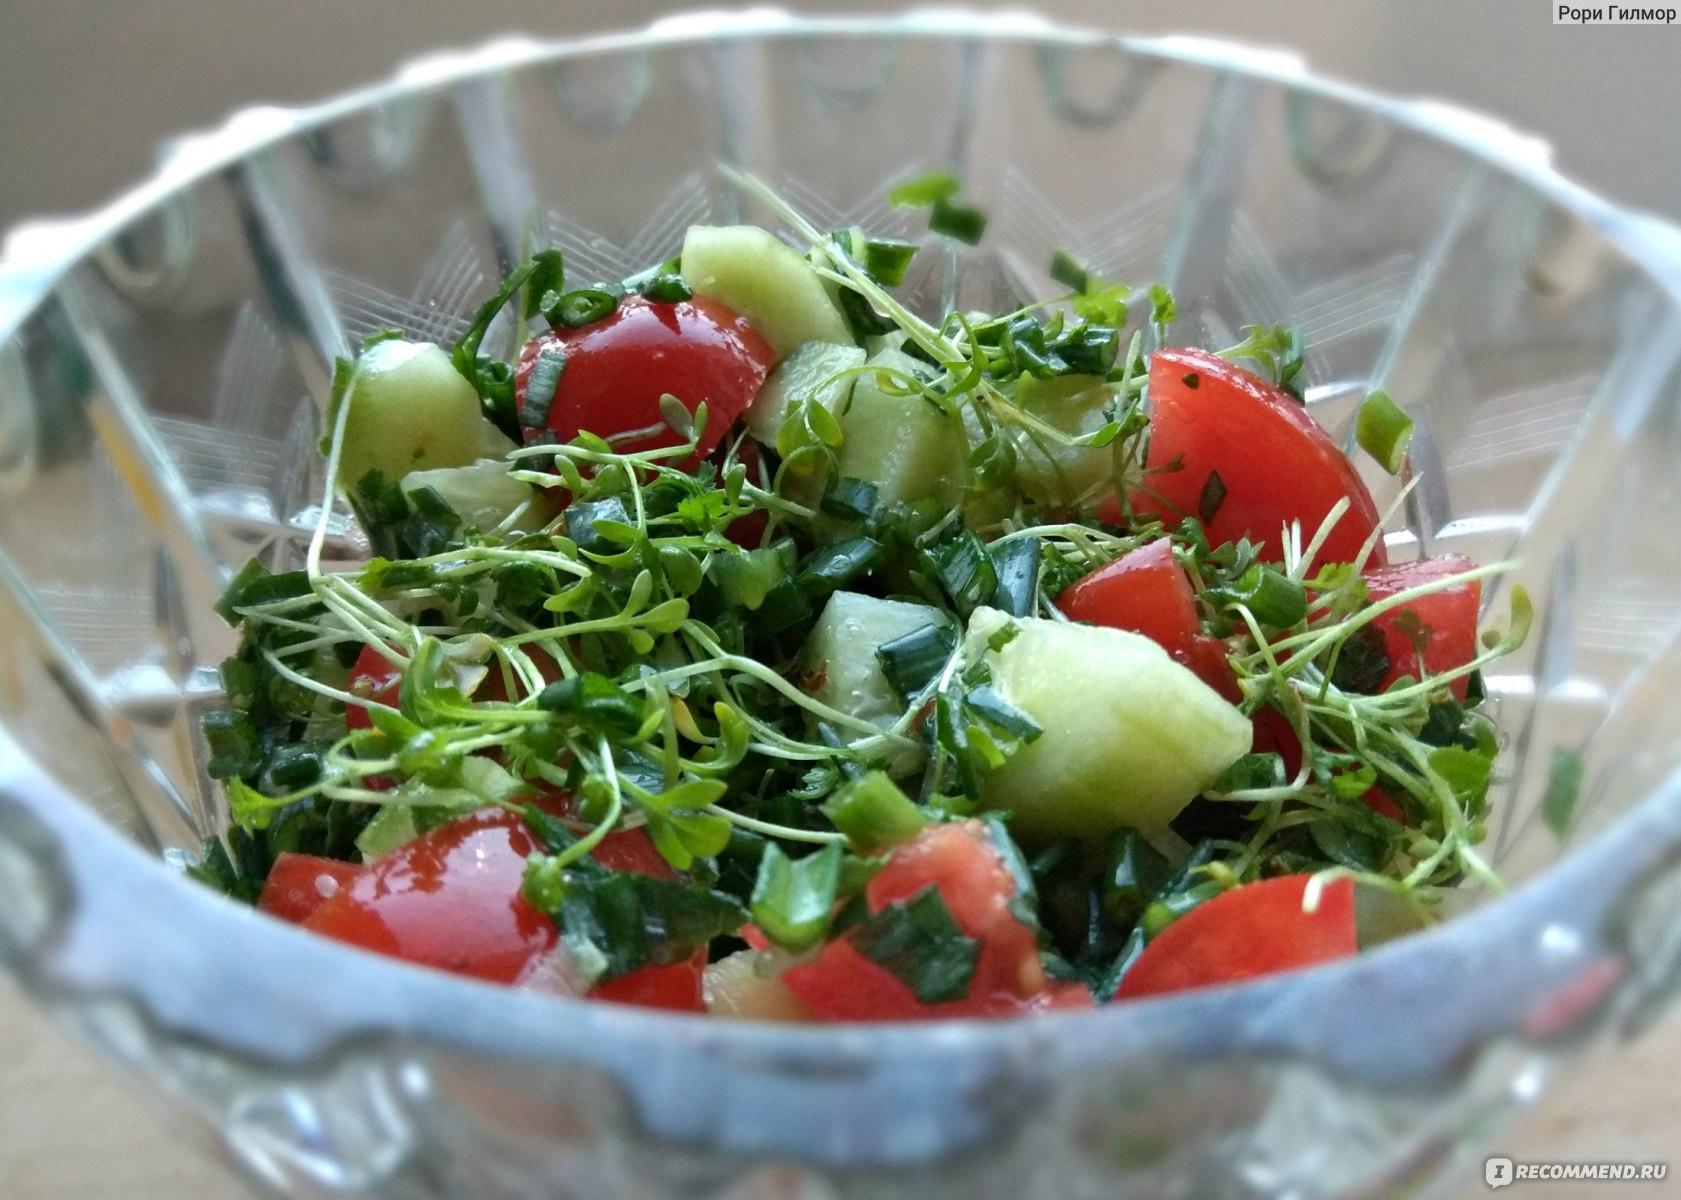 Кресс-салат: польза и вред, что это такое и с чем его едят, микрозелень на подоконнике, когда срезать и как употреблять, как готовить, применение